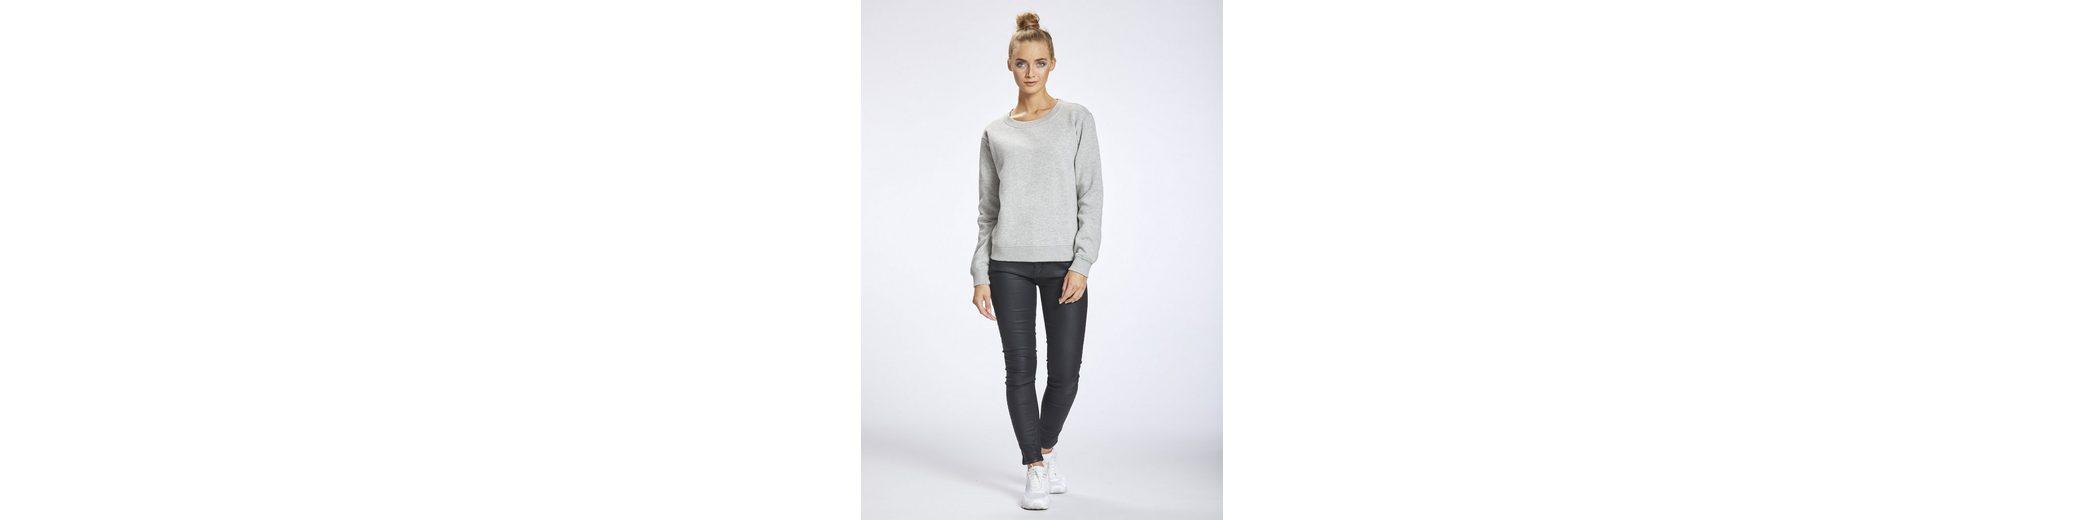 myMO Sweater Steckdose Billig Die Billigsten RX81s